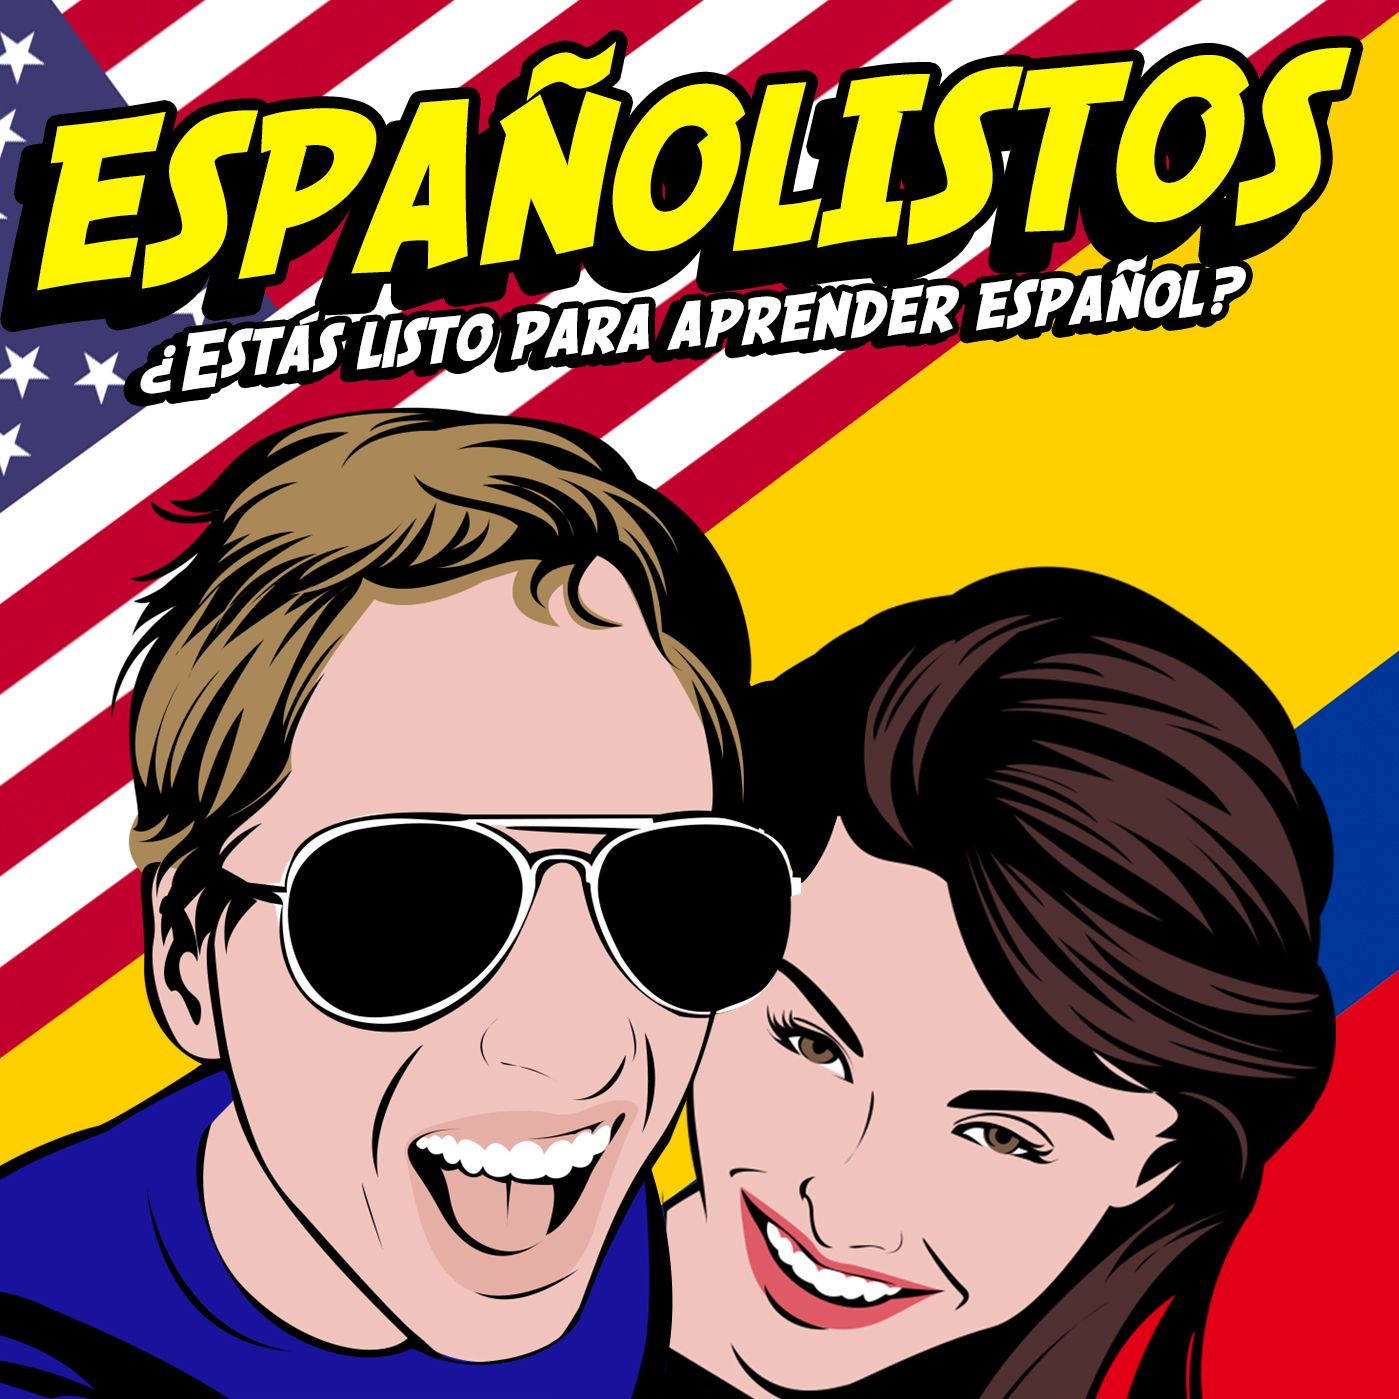 Episodio 082 - Español de Latinoamérica vs. Español de España [PARTE 2]